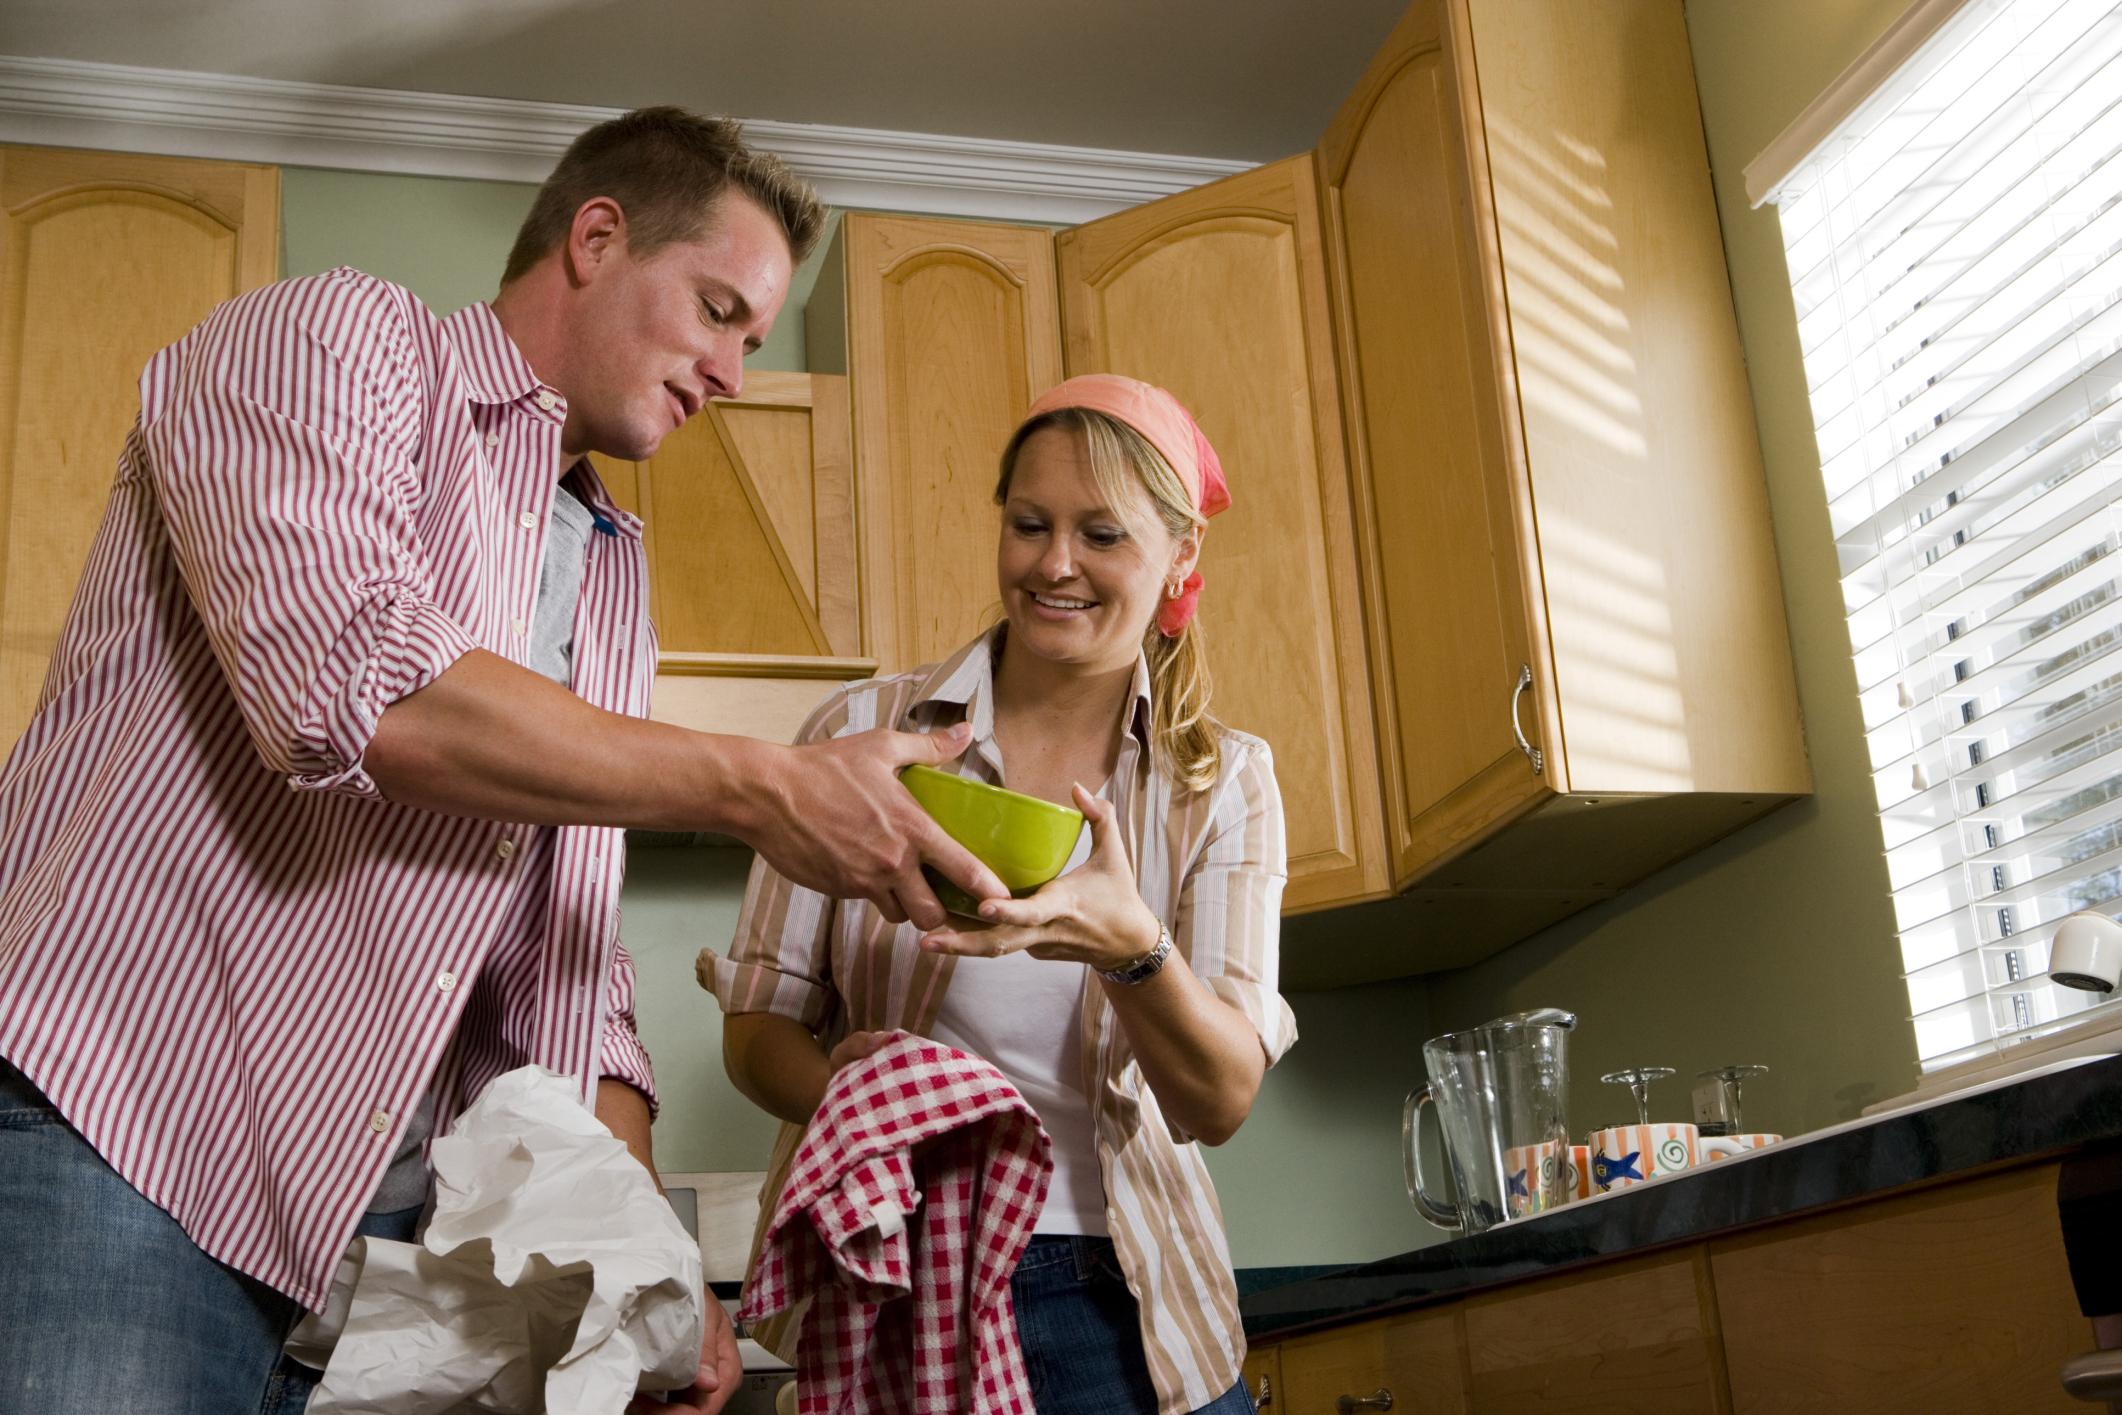 Trucos limpiar con vinagre - Limpiar la casa ...